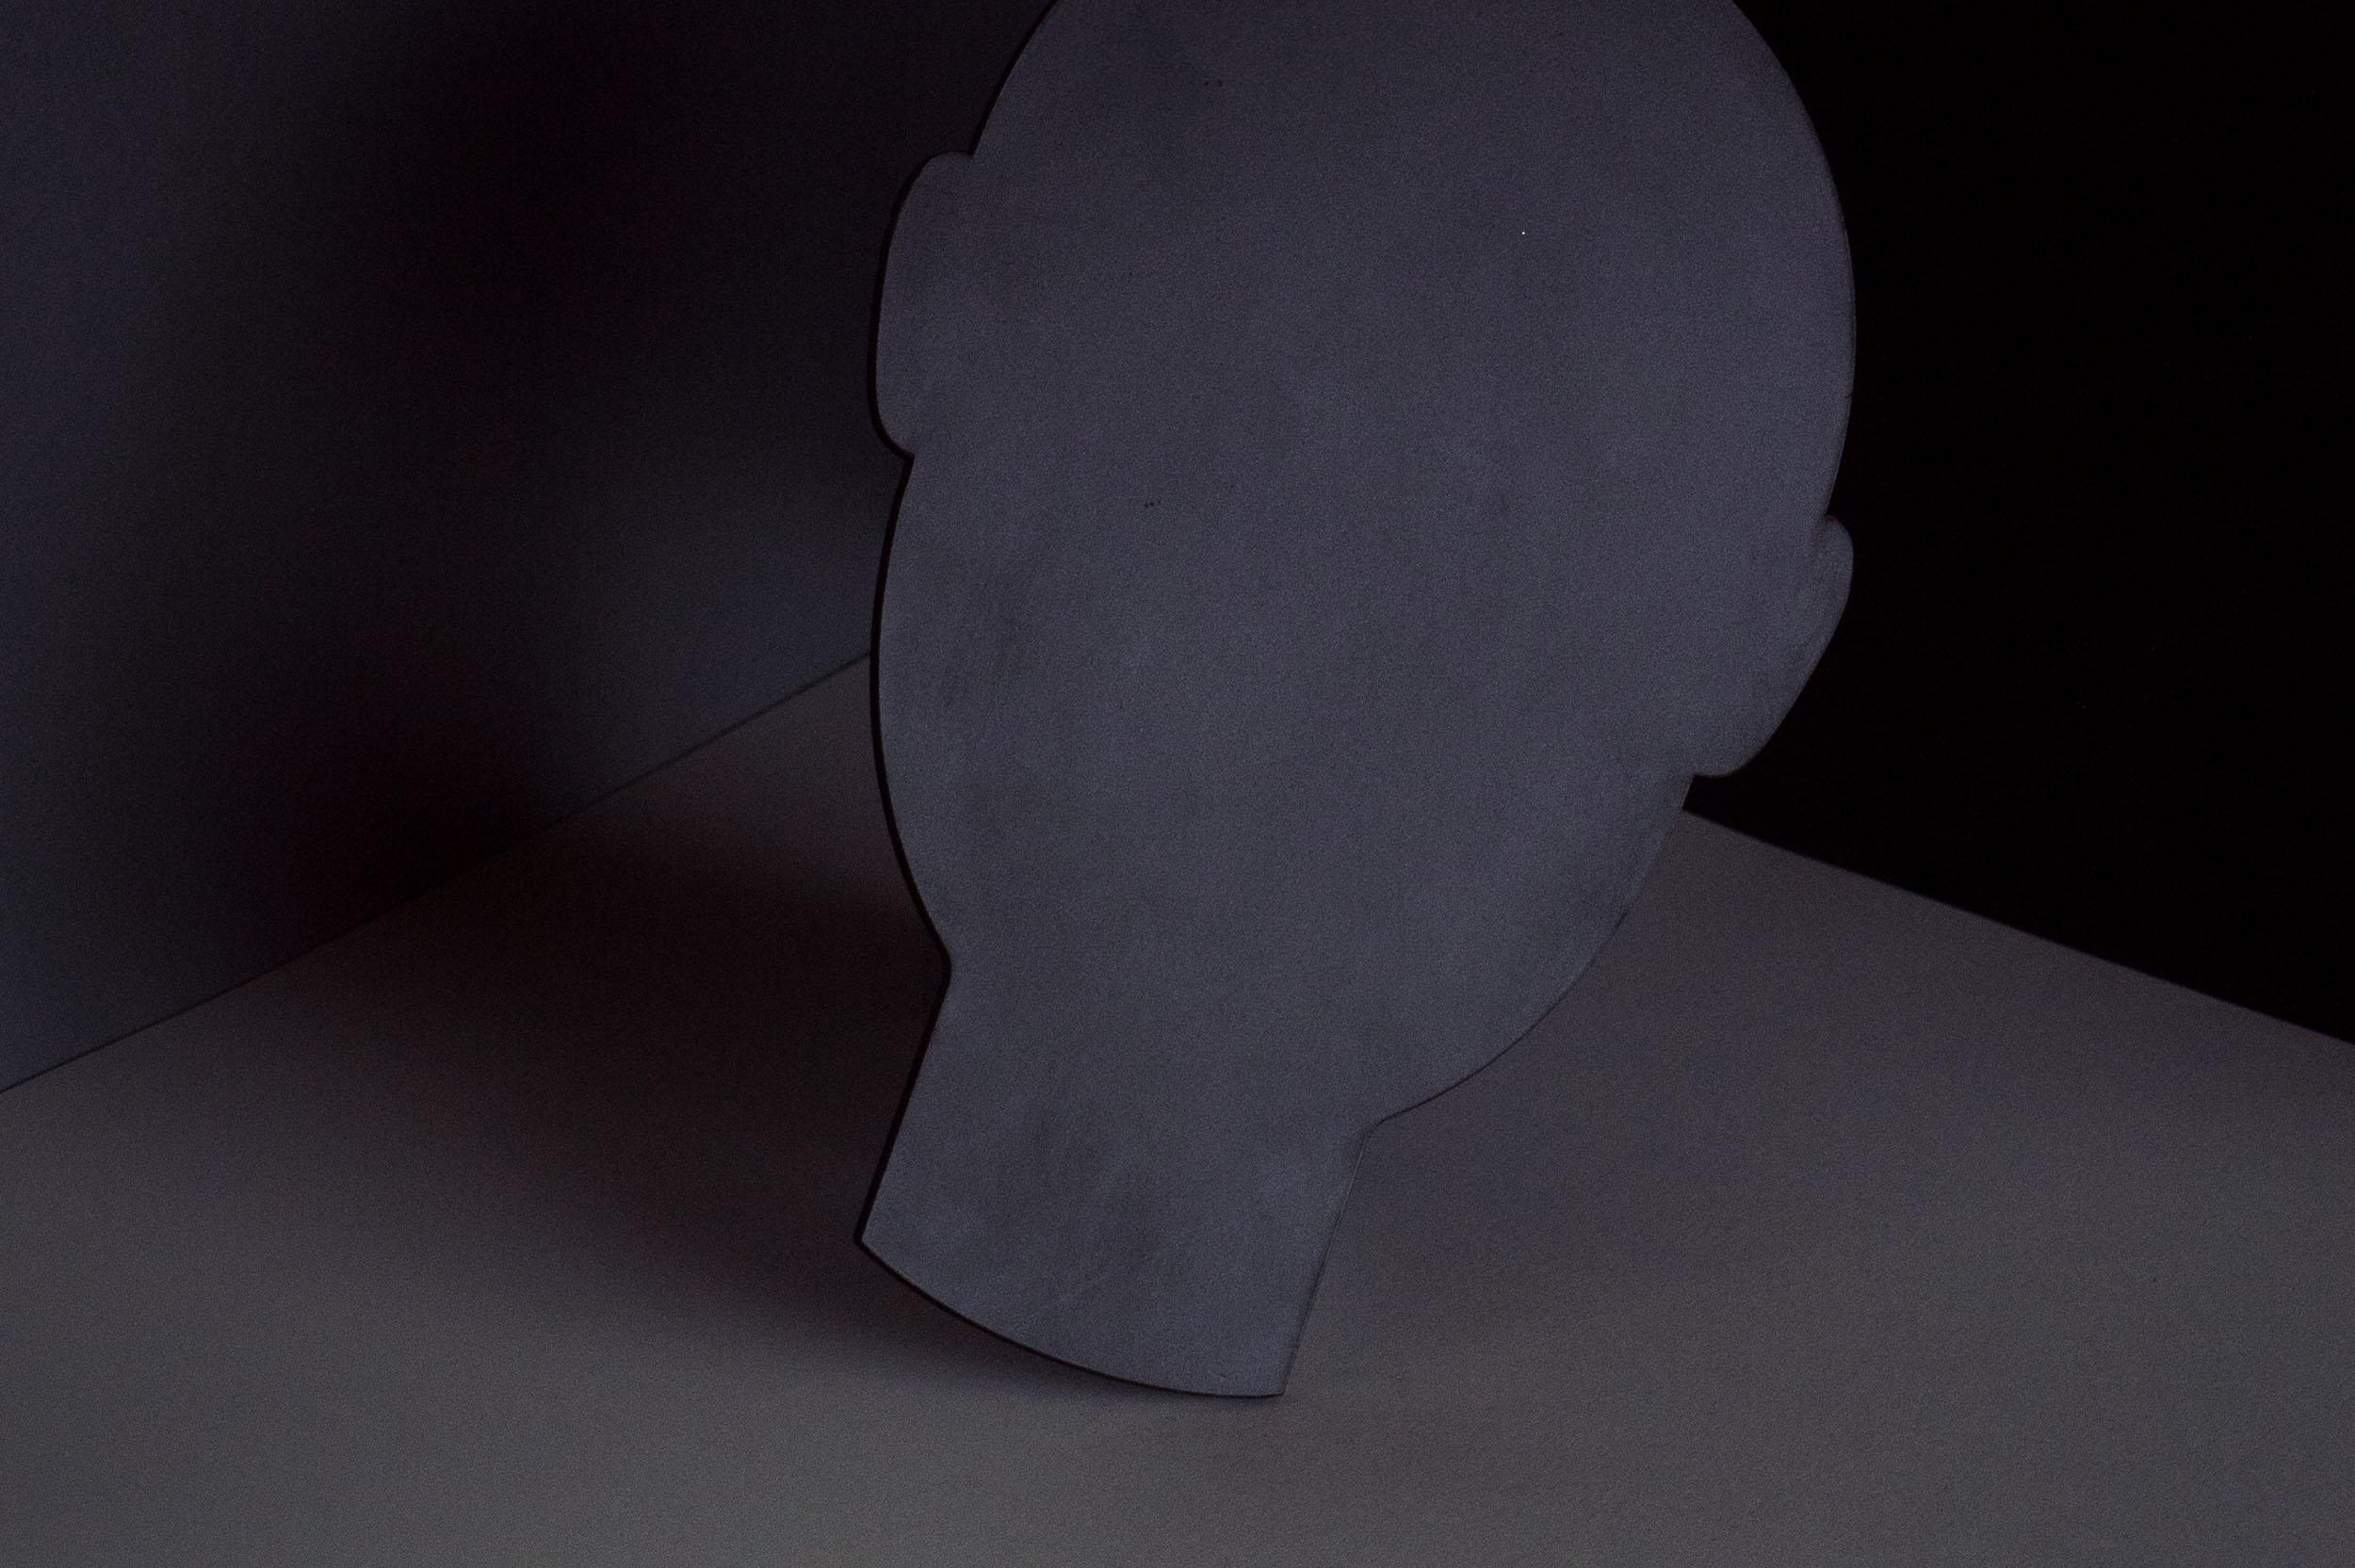 Schwarze, kopfförmig gefräste Kunststoffplatte vor schwarzem Hintergrund